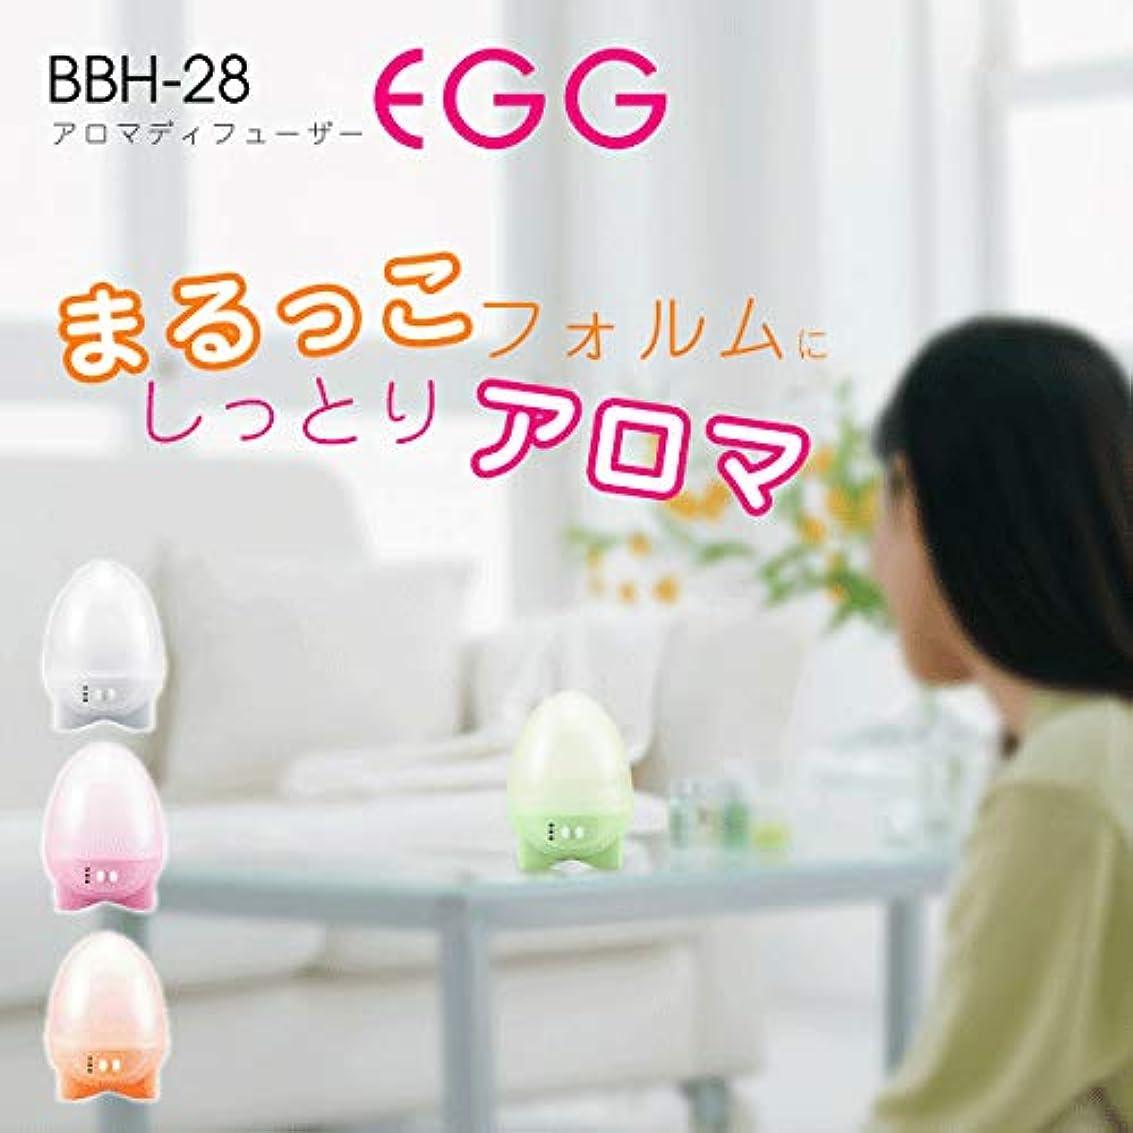 ラフ睡眠ポジション愛国的なPRISMATE(プリズメイト)アロマディフューザー Egg BBH-28 [在庫有]